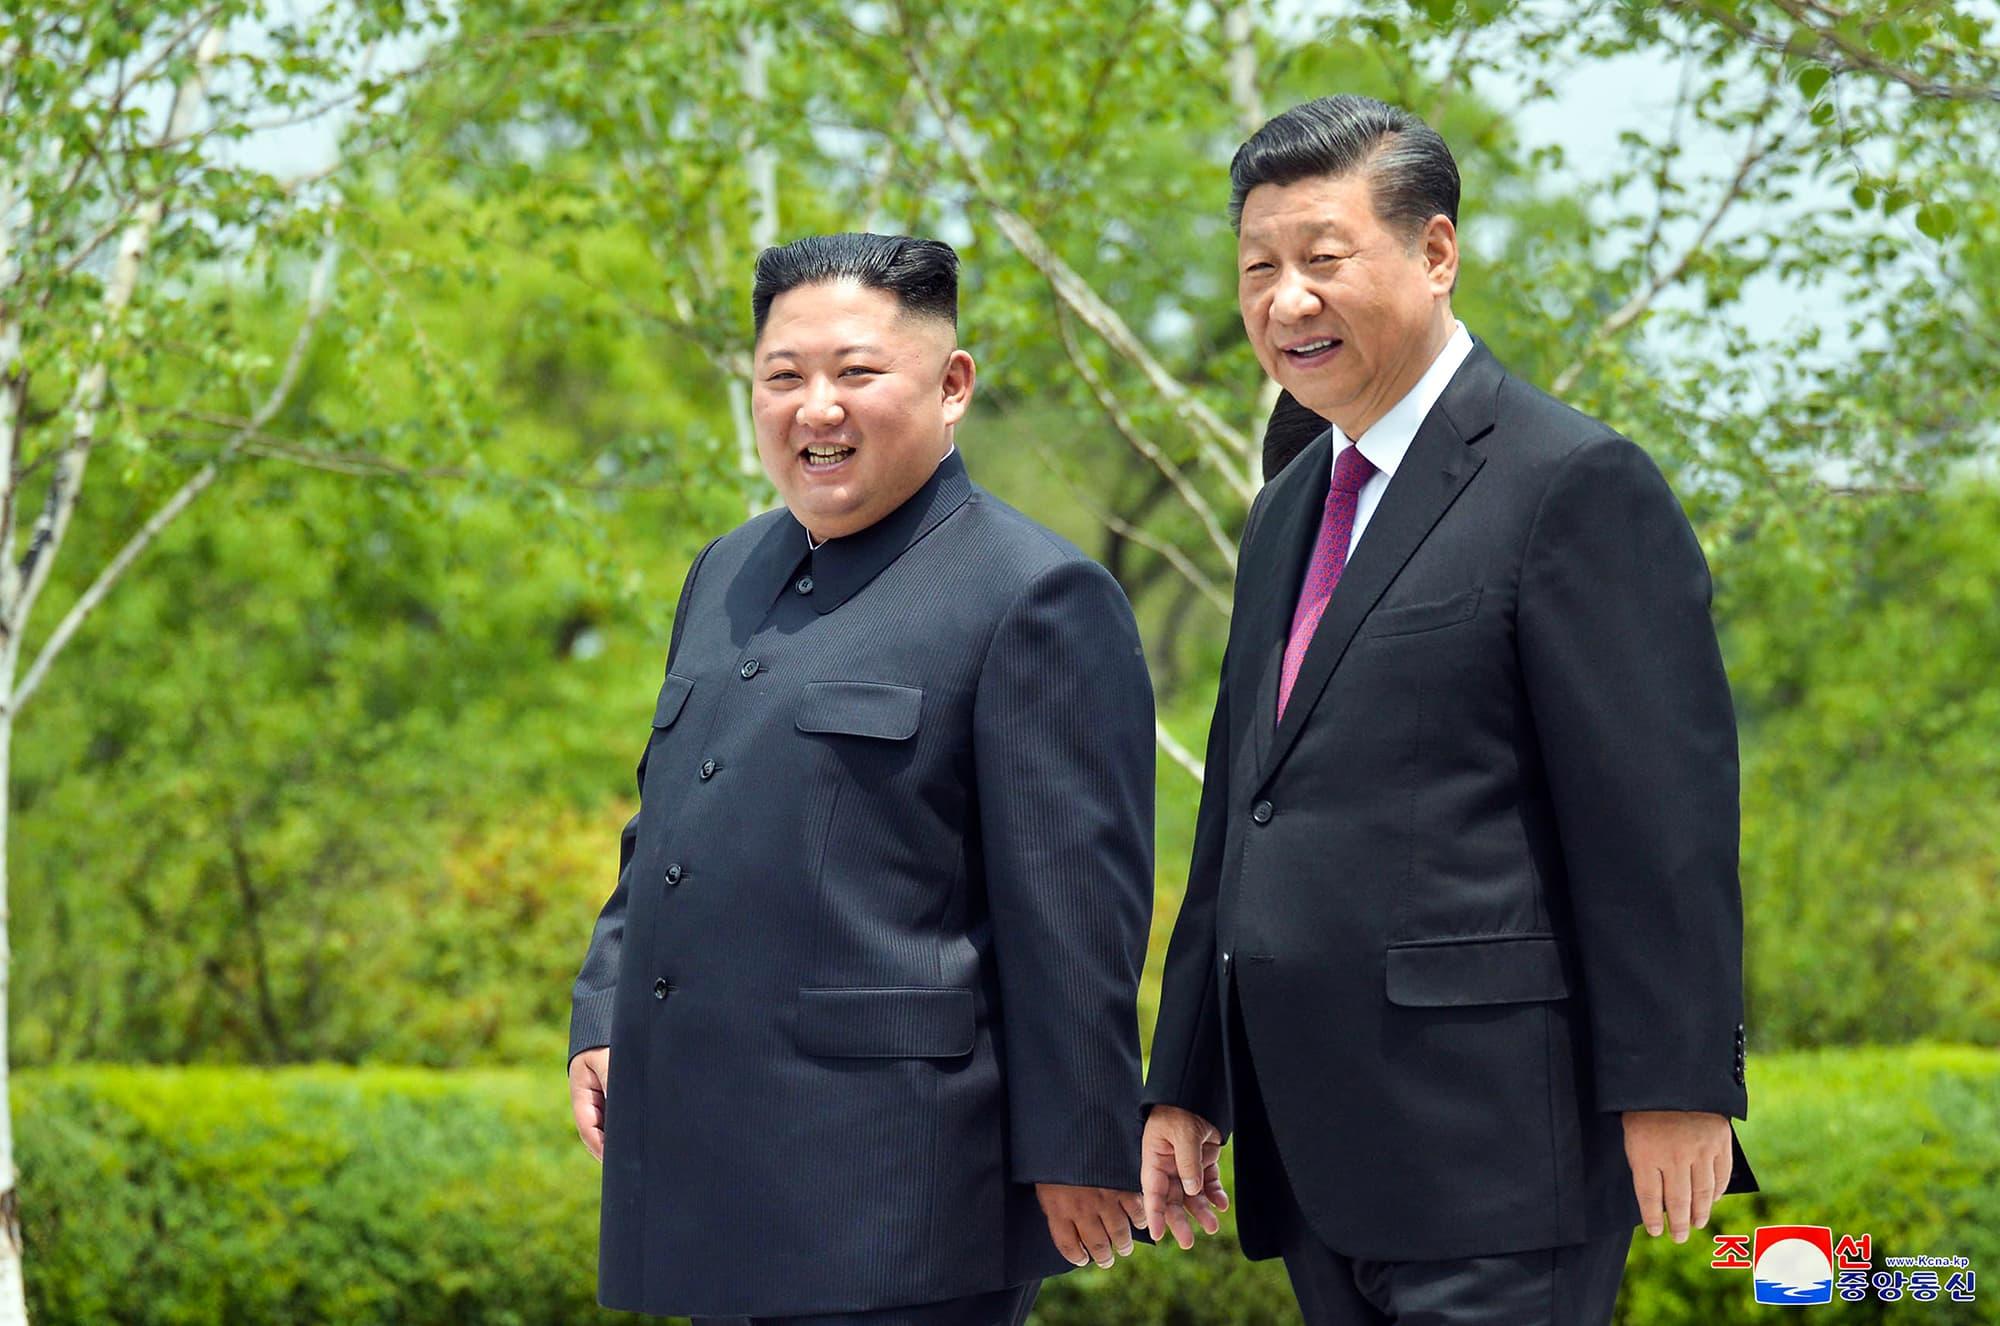 Kim Jong-un ja Xi Jinping kävelevät vihreässä puistomaisessa maisemassa.